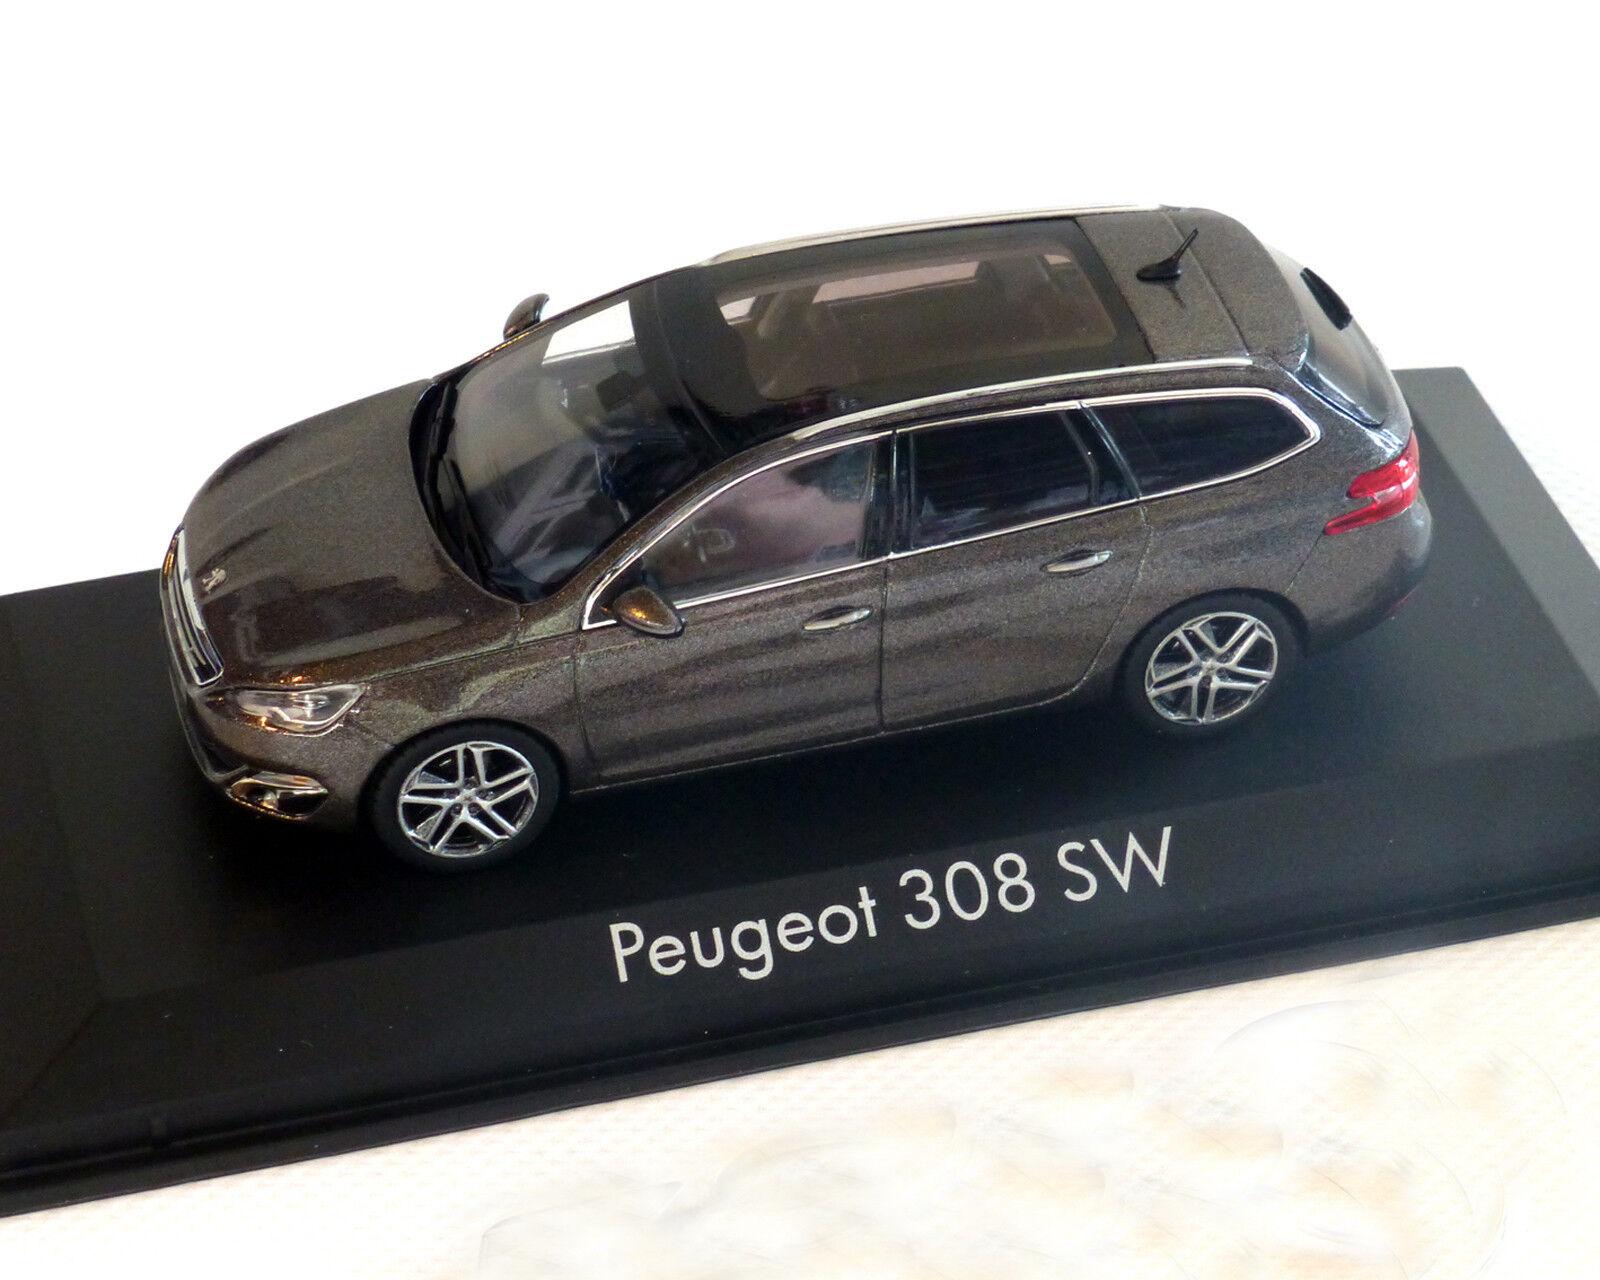 Peugeot 308 SW mokka-grey-metallic, 1 43 Norev